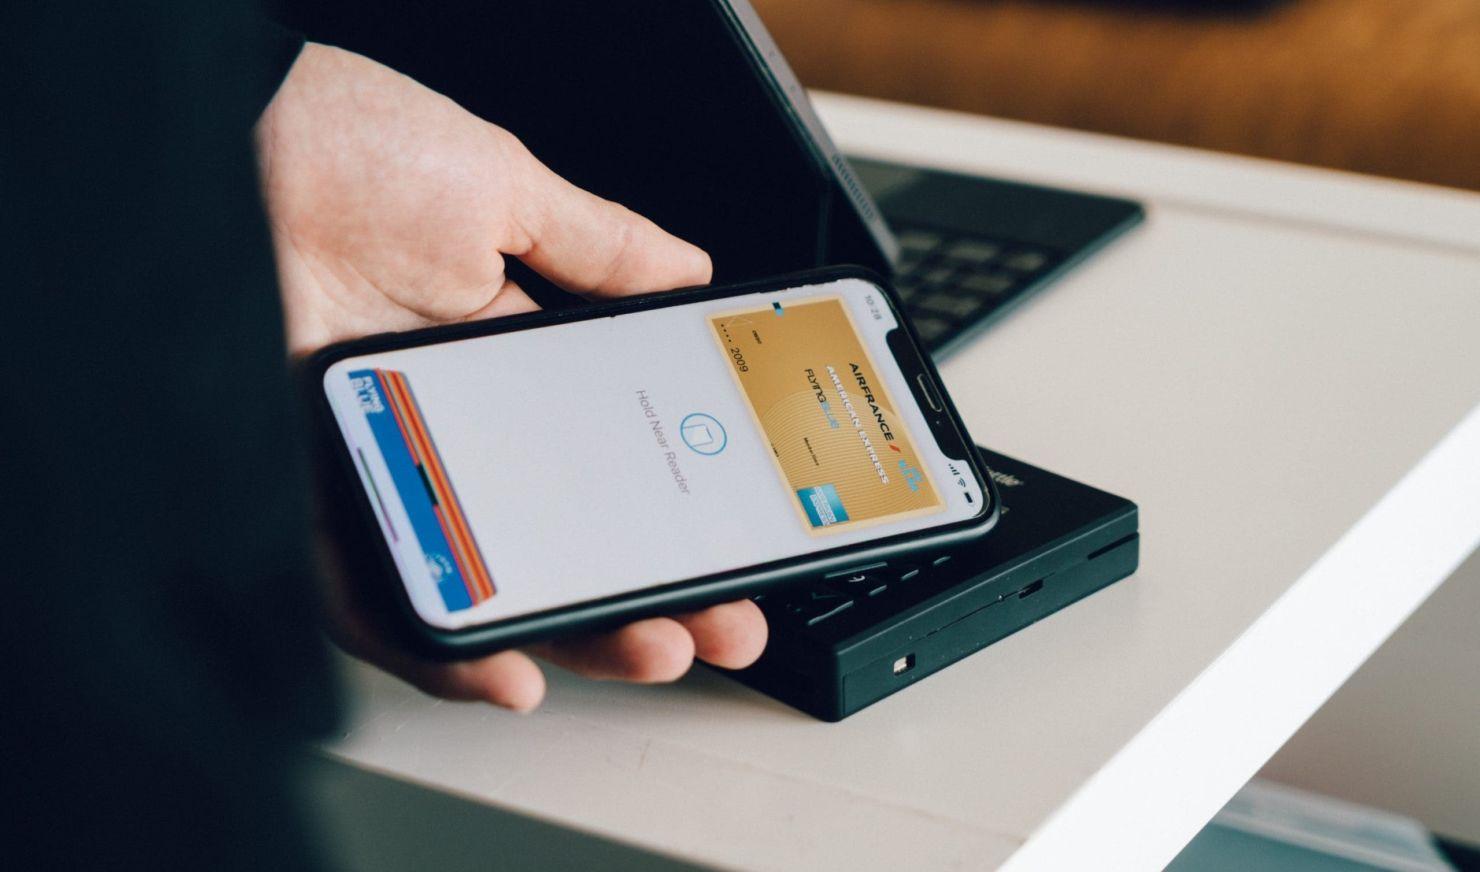 ¡El futuro es ahora! Estas son algunas de las nuevas formas de pago que puedes usar